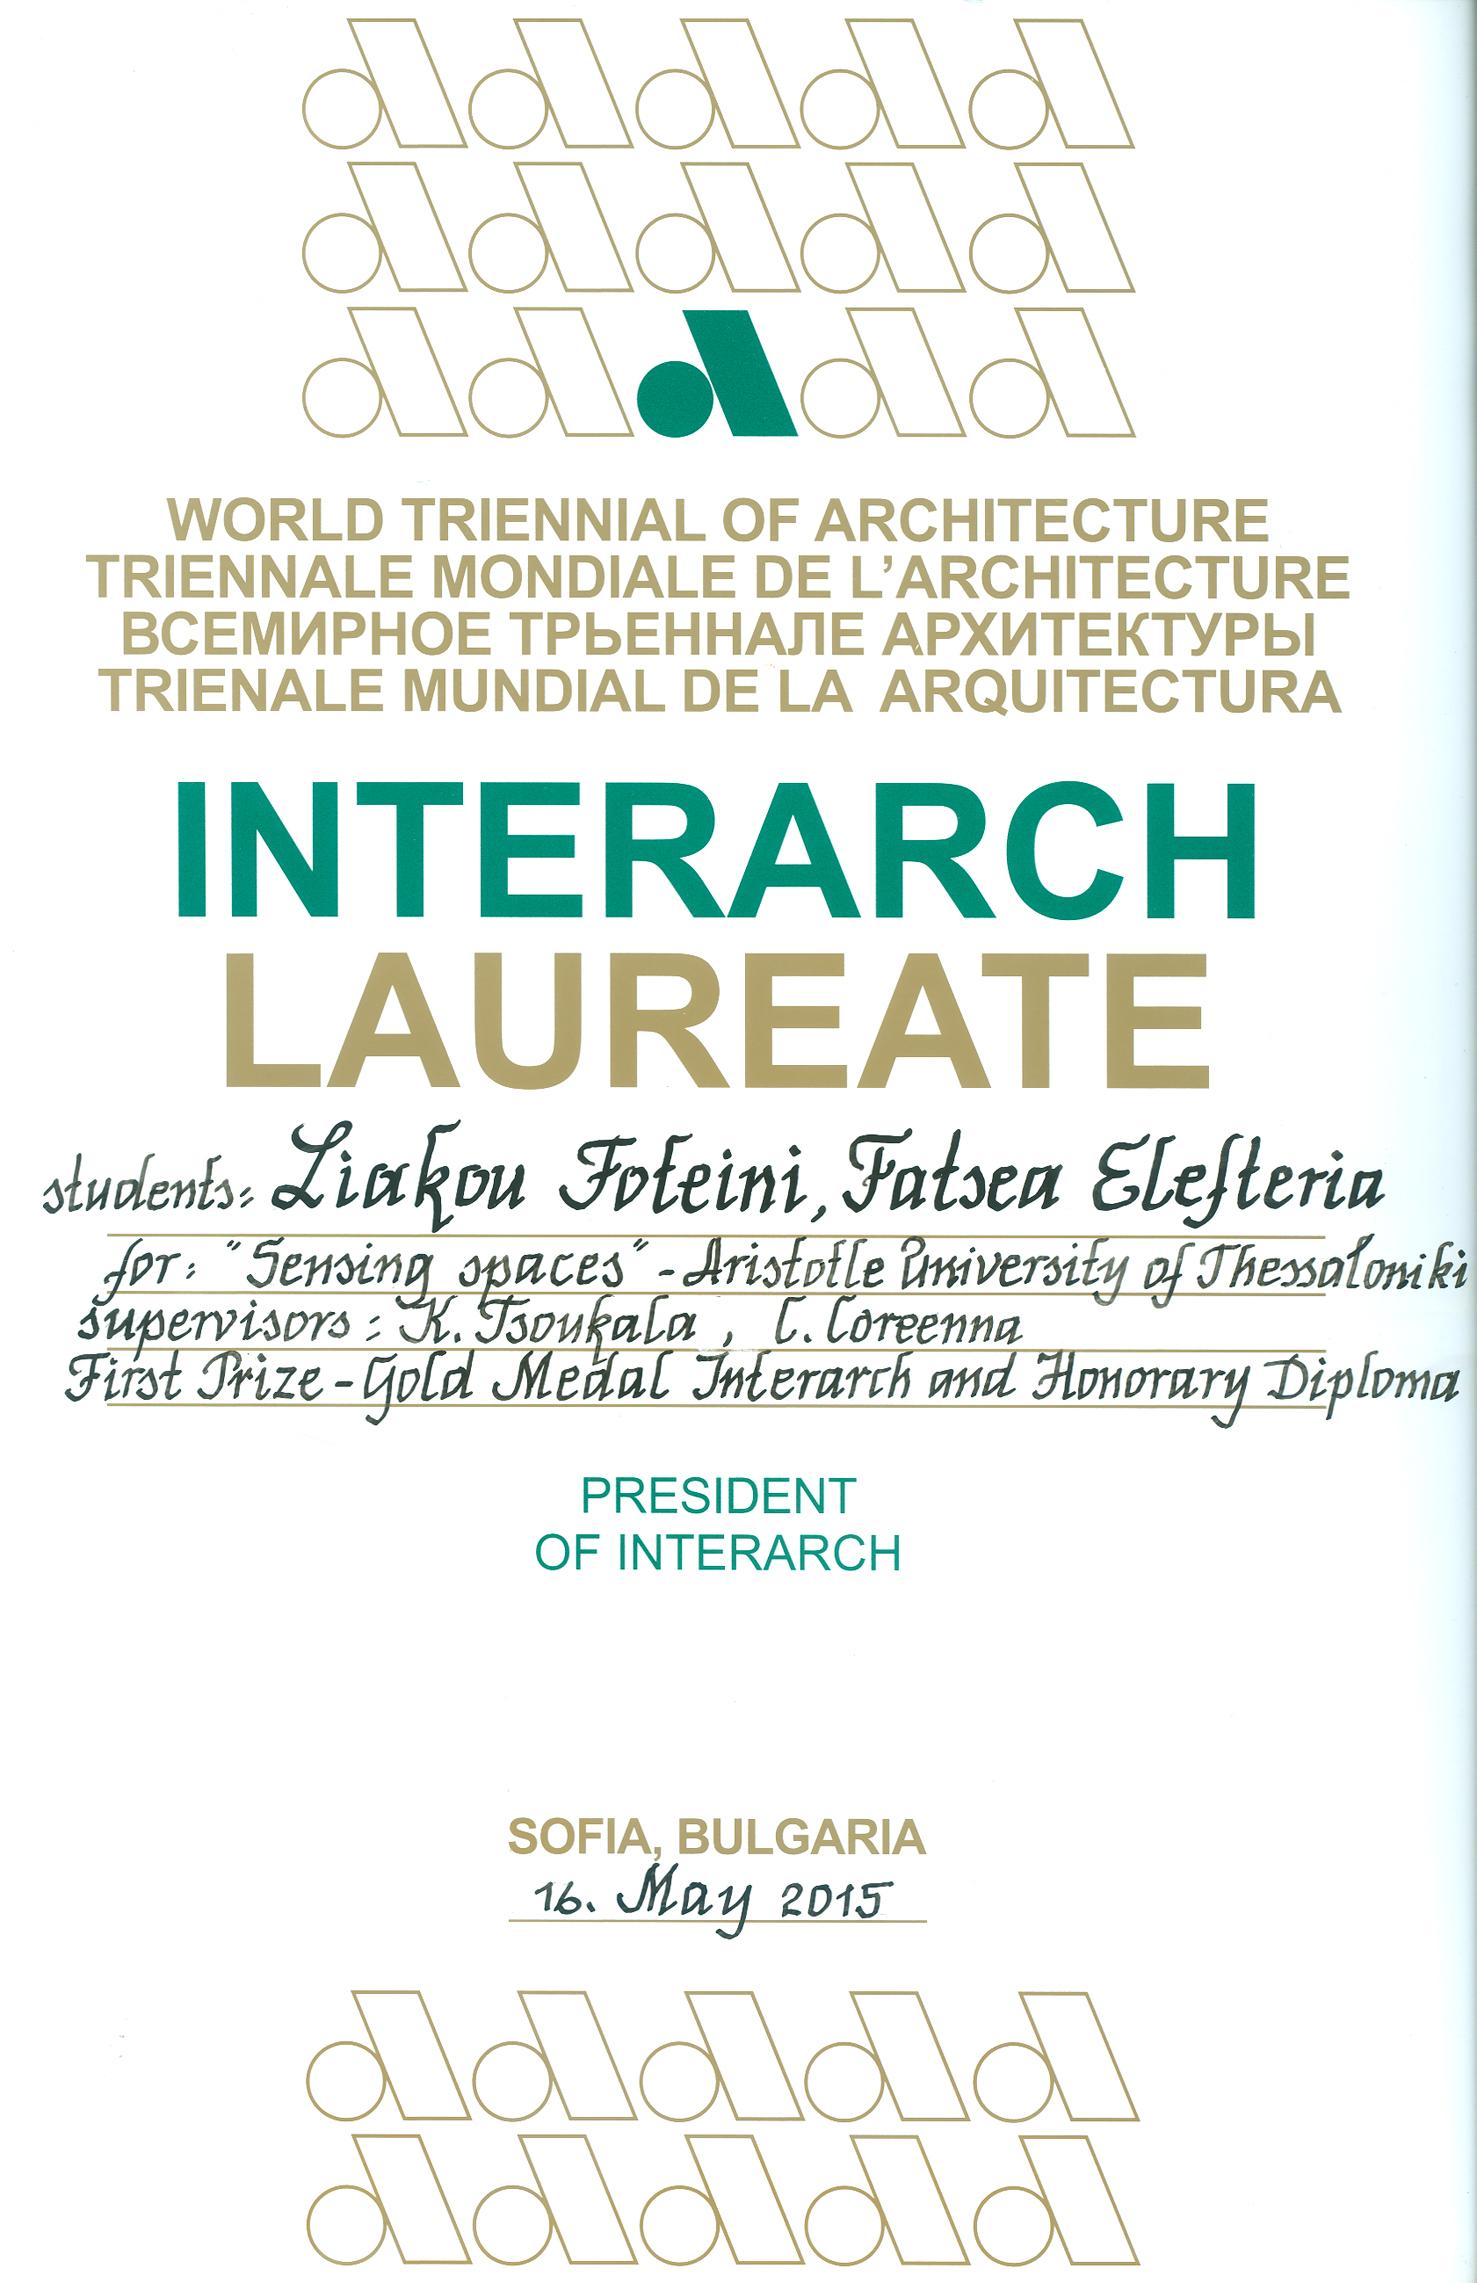 Interarch Laureate Liakou 1